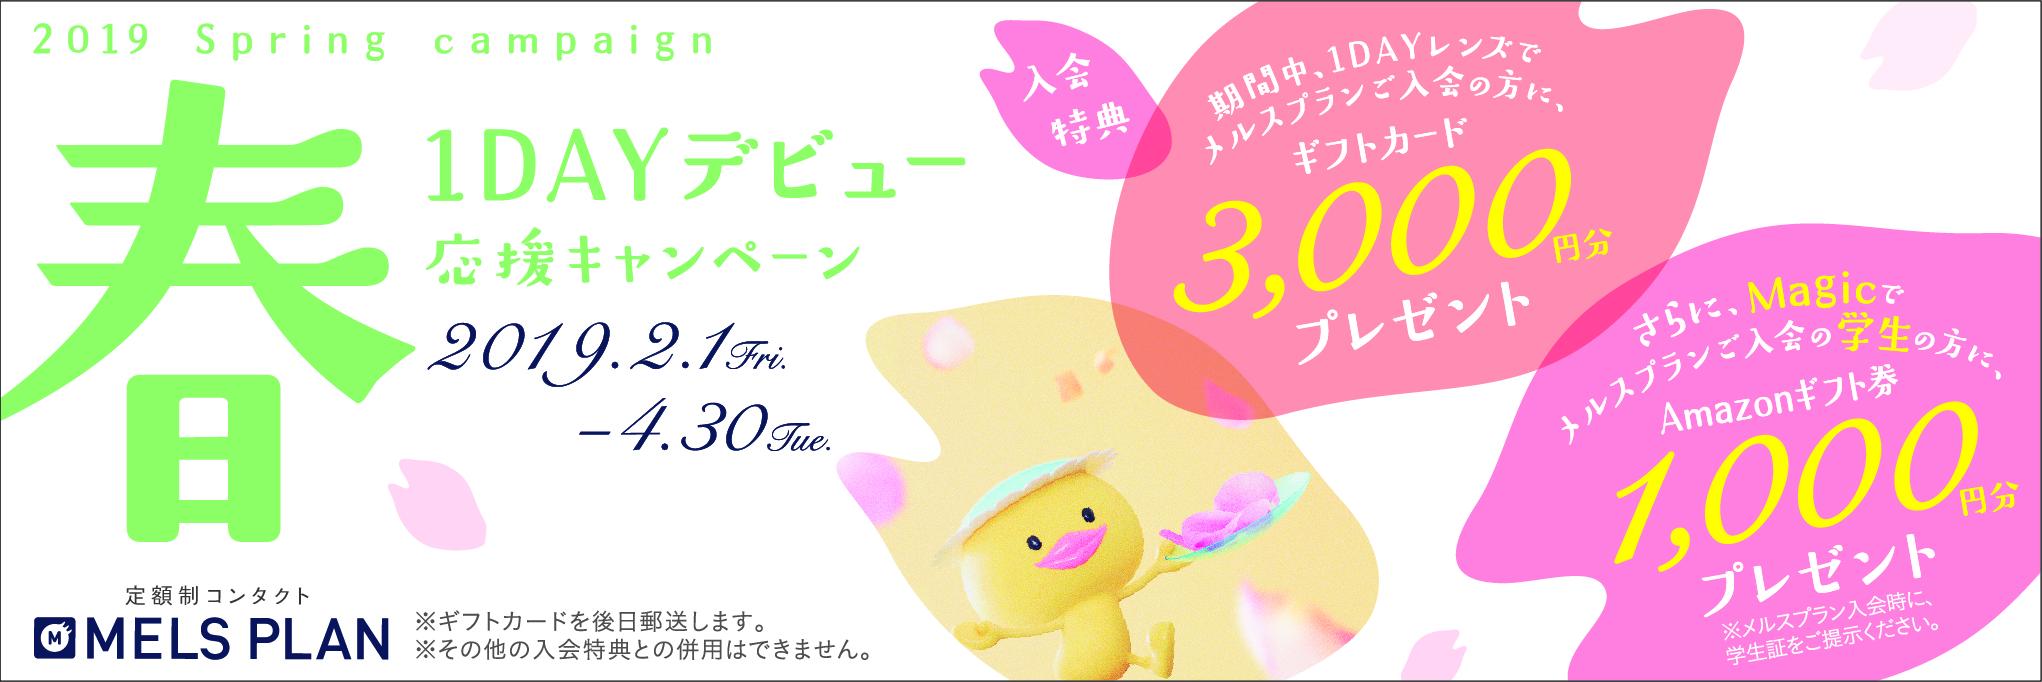 2月は逃げる!福岡天神大名でコンタクトなら『TENJIN 中央コンタクト』